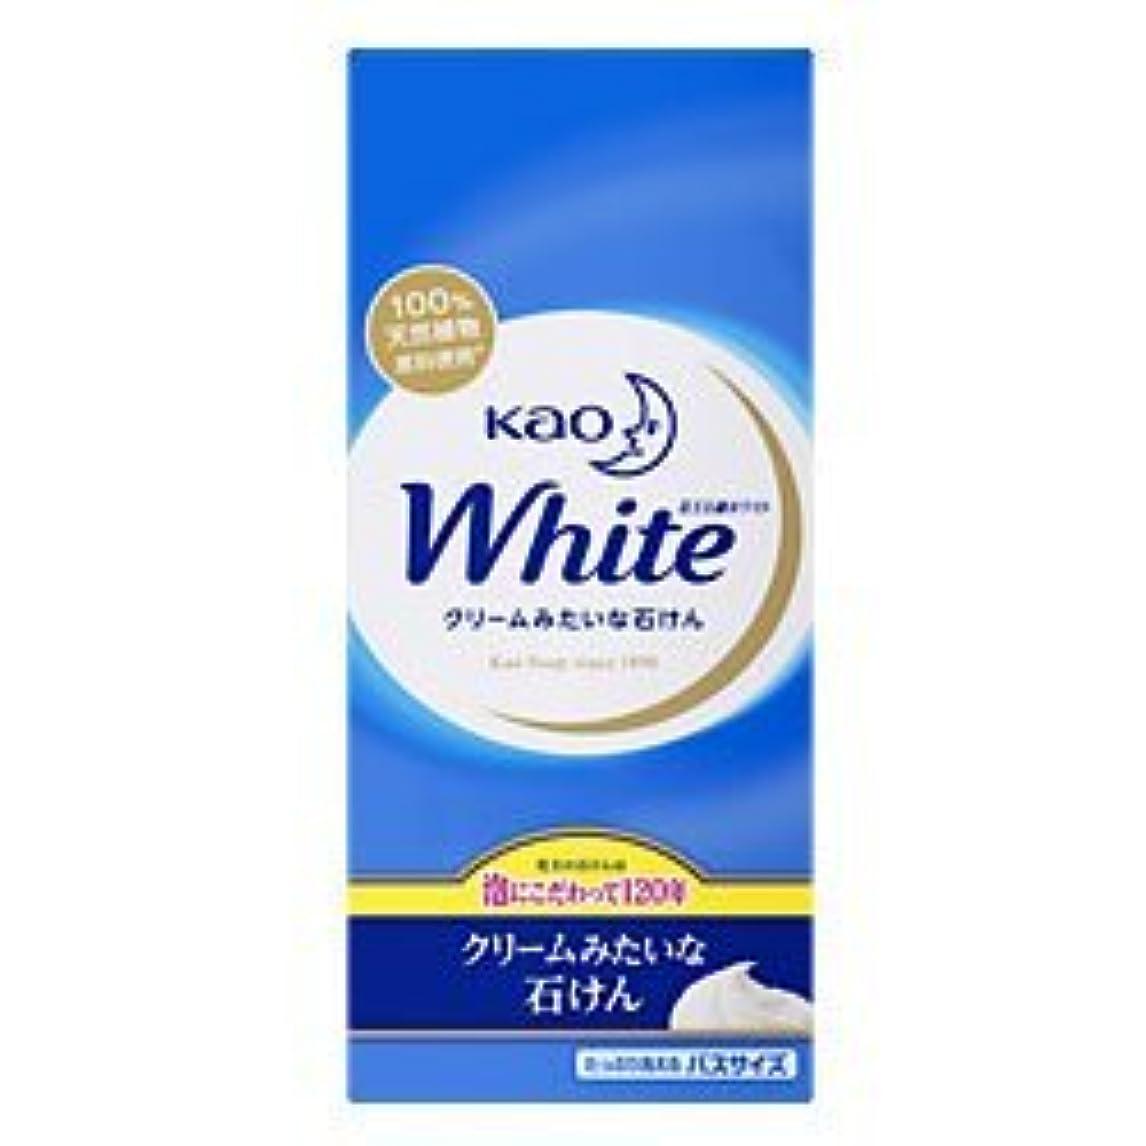 貸し手試みる良心的【花王】花王ホワイト バスサイズ 130g×6個 ×5個セット